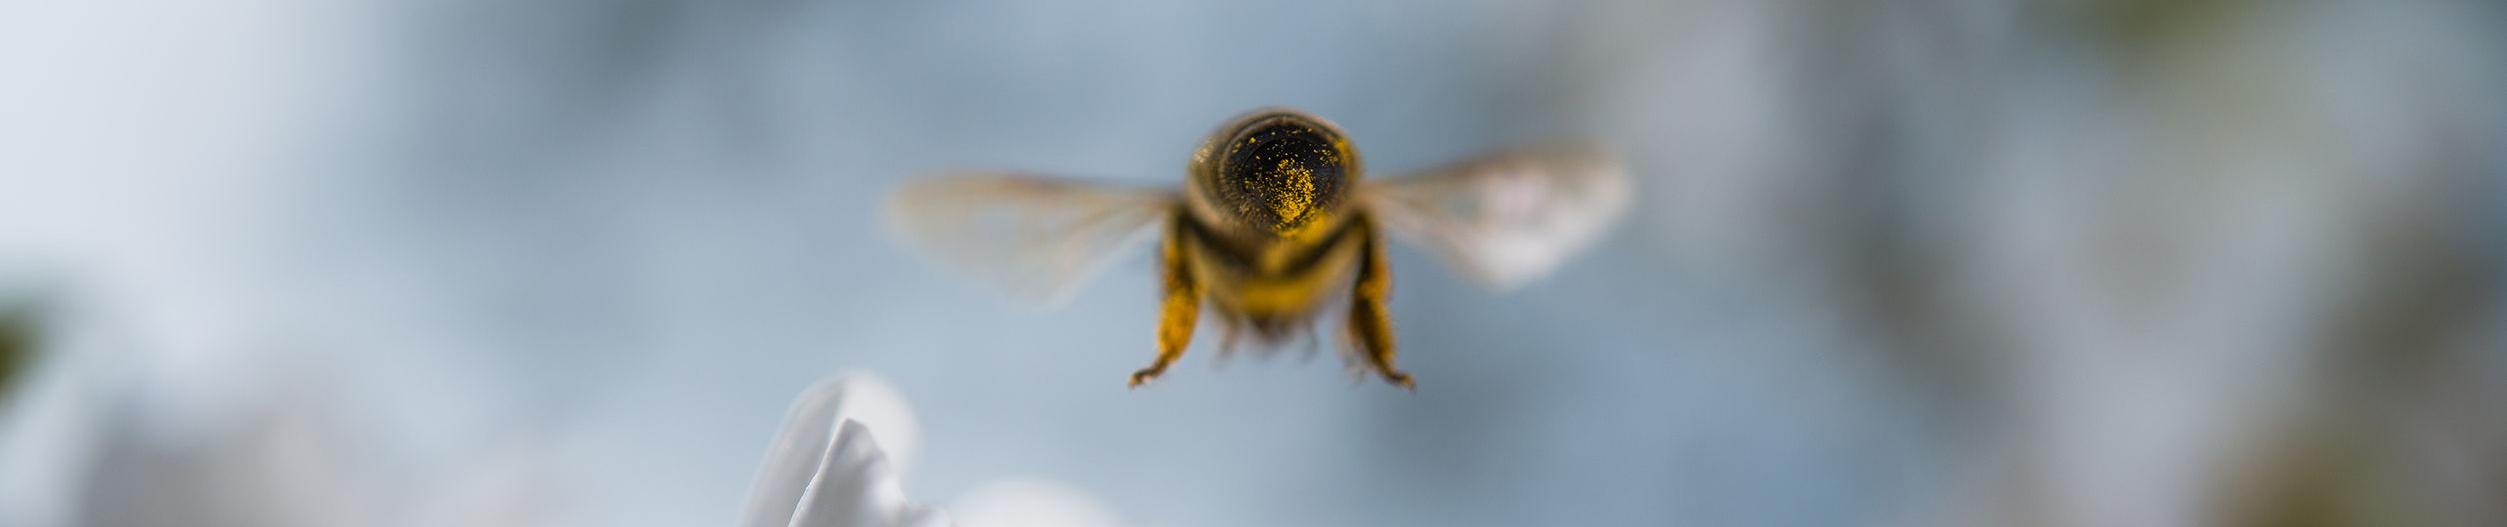 webagentur-mw-service - das Bild zeigt eine Biene voller Blütenstaub im Flug